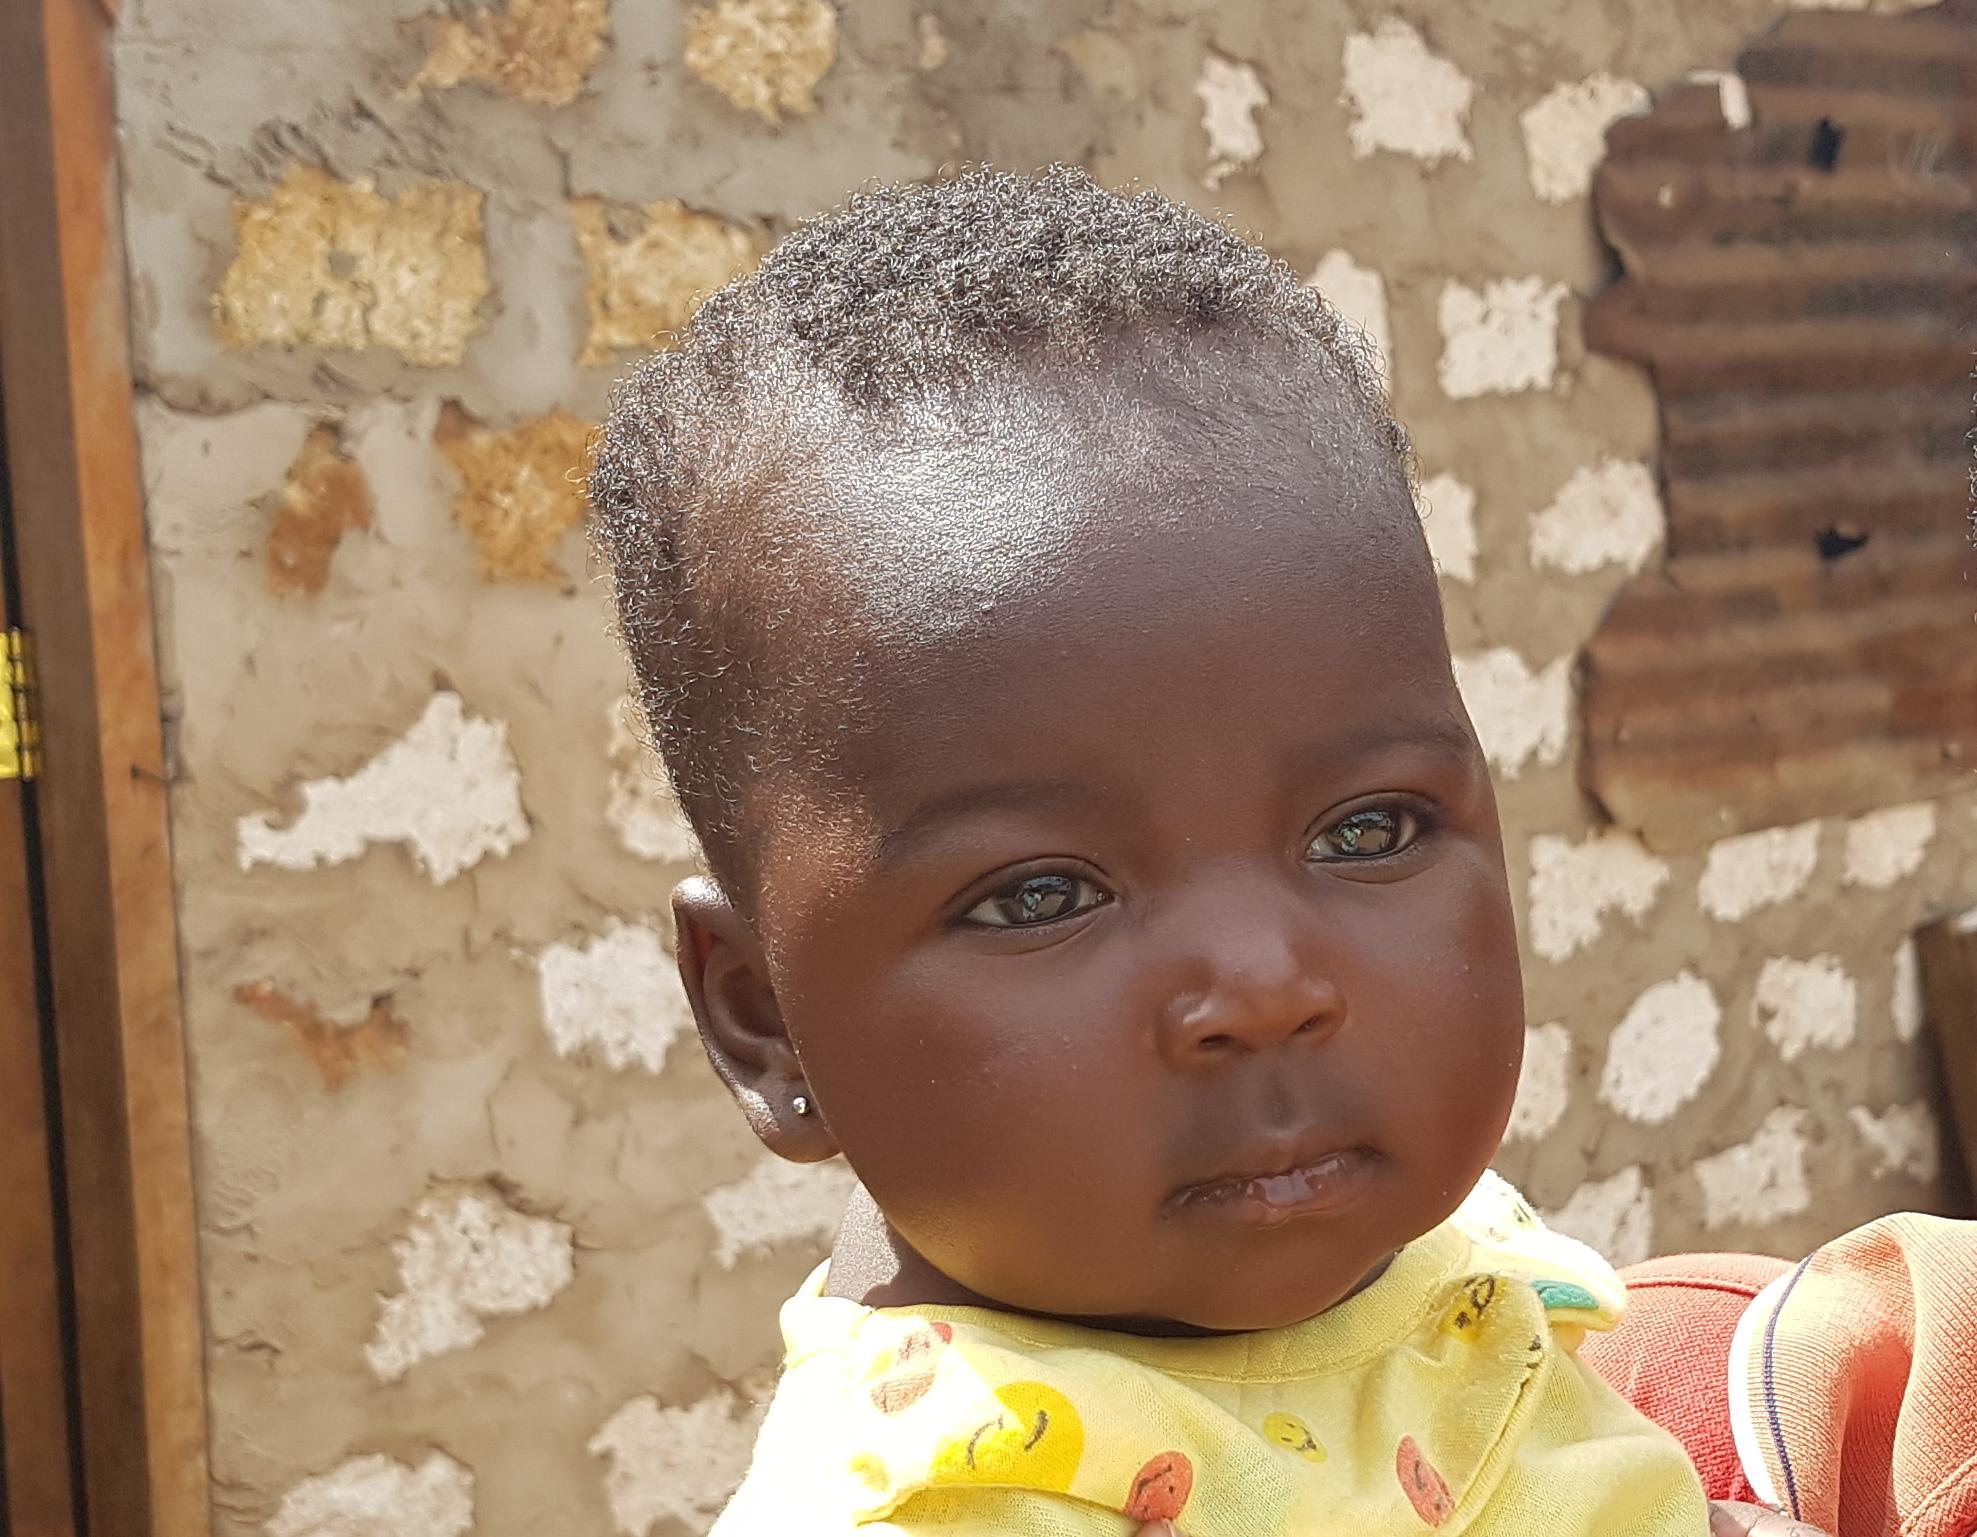 BARBONE PER UNA NOTTE AD AMSTERDAM Sono appena rientrato da Dadaab e mentre scrivo sento ancora l anca sinistra indolenzita ma tale dolore non viene